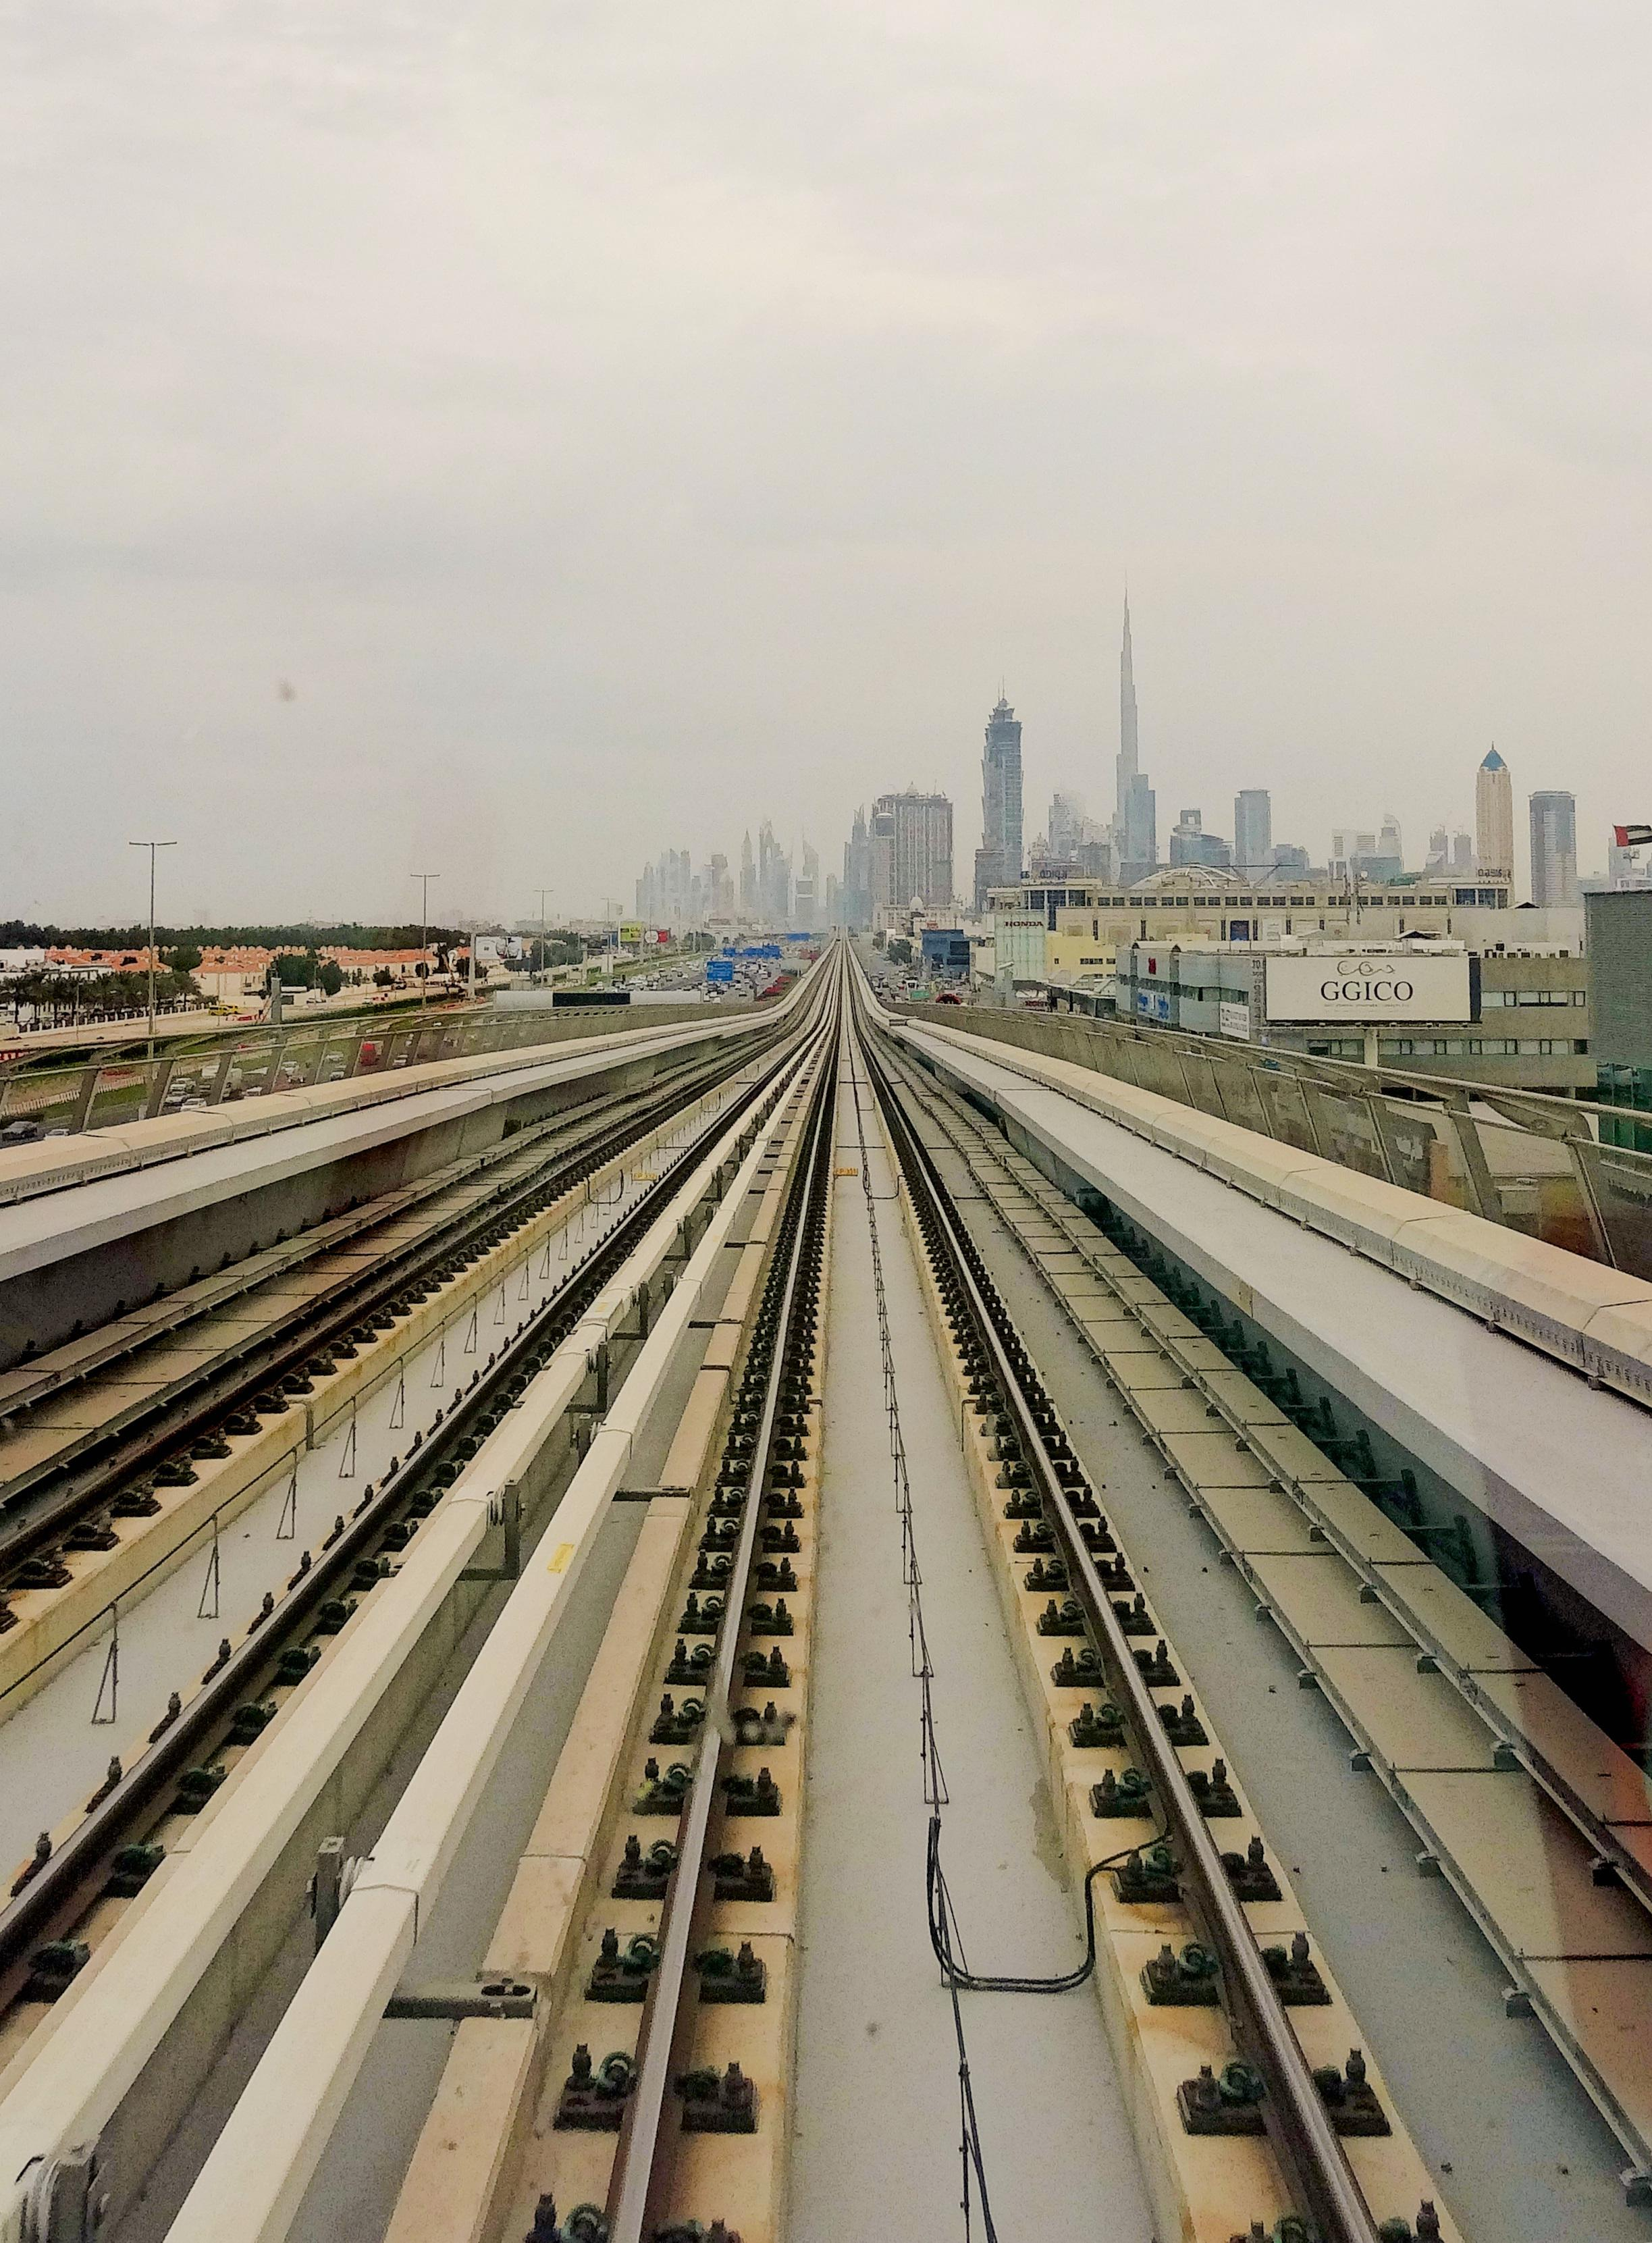 Dubai metro skyline